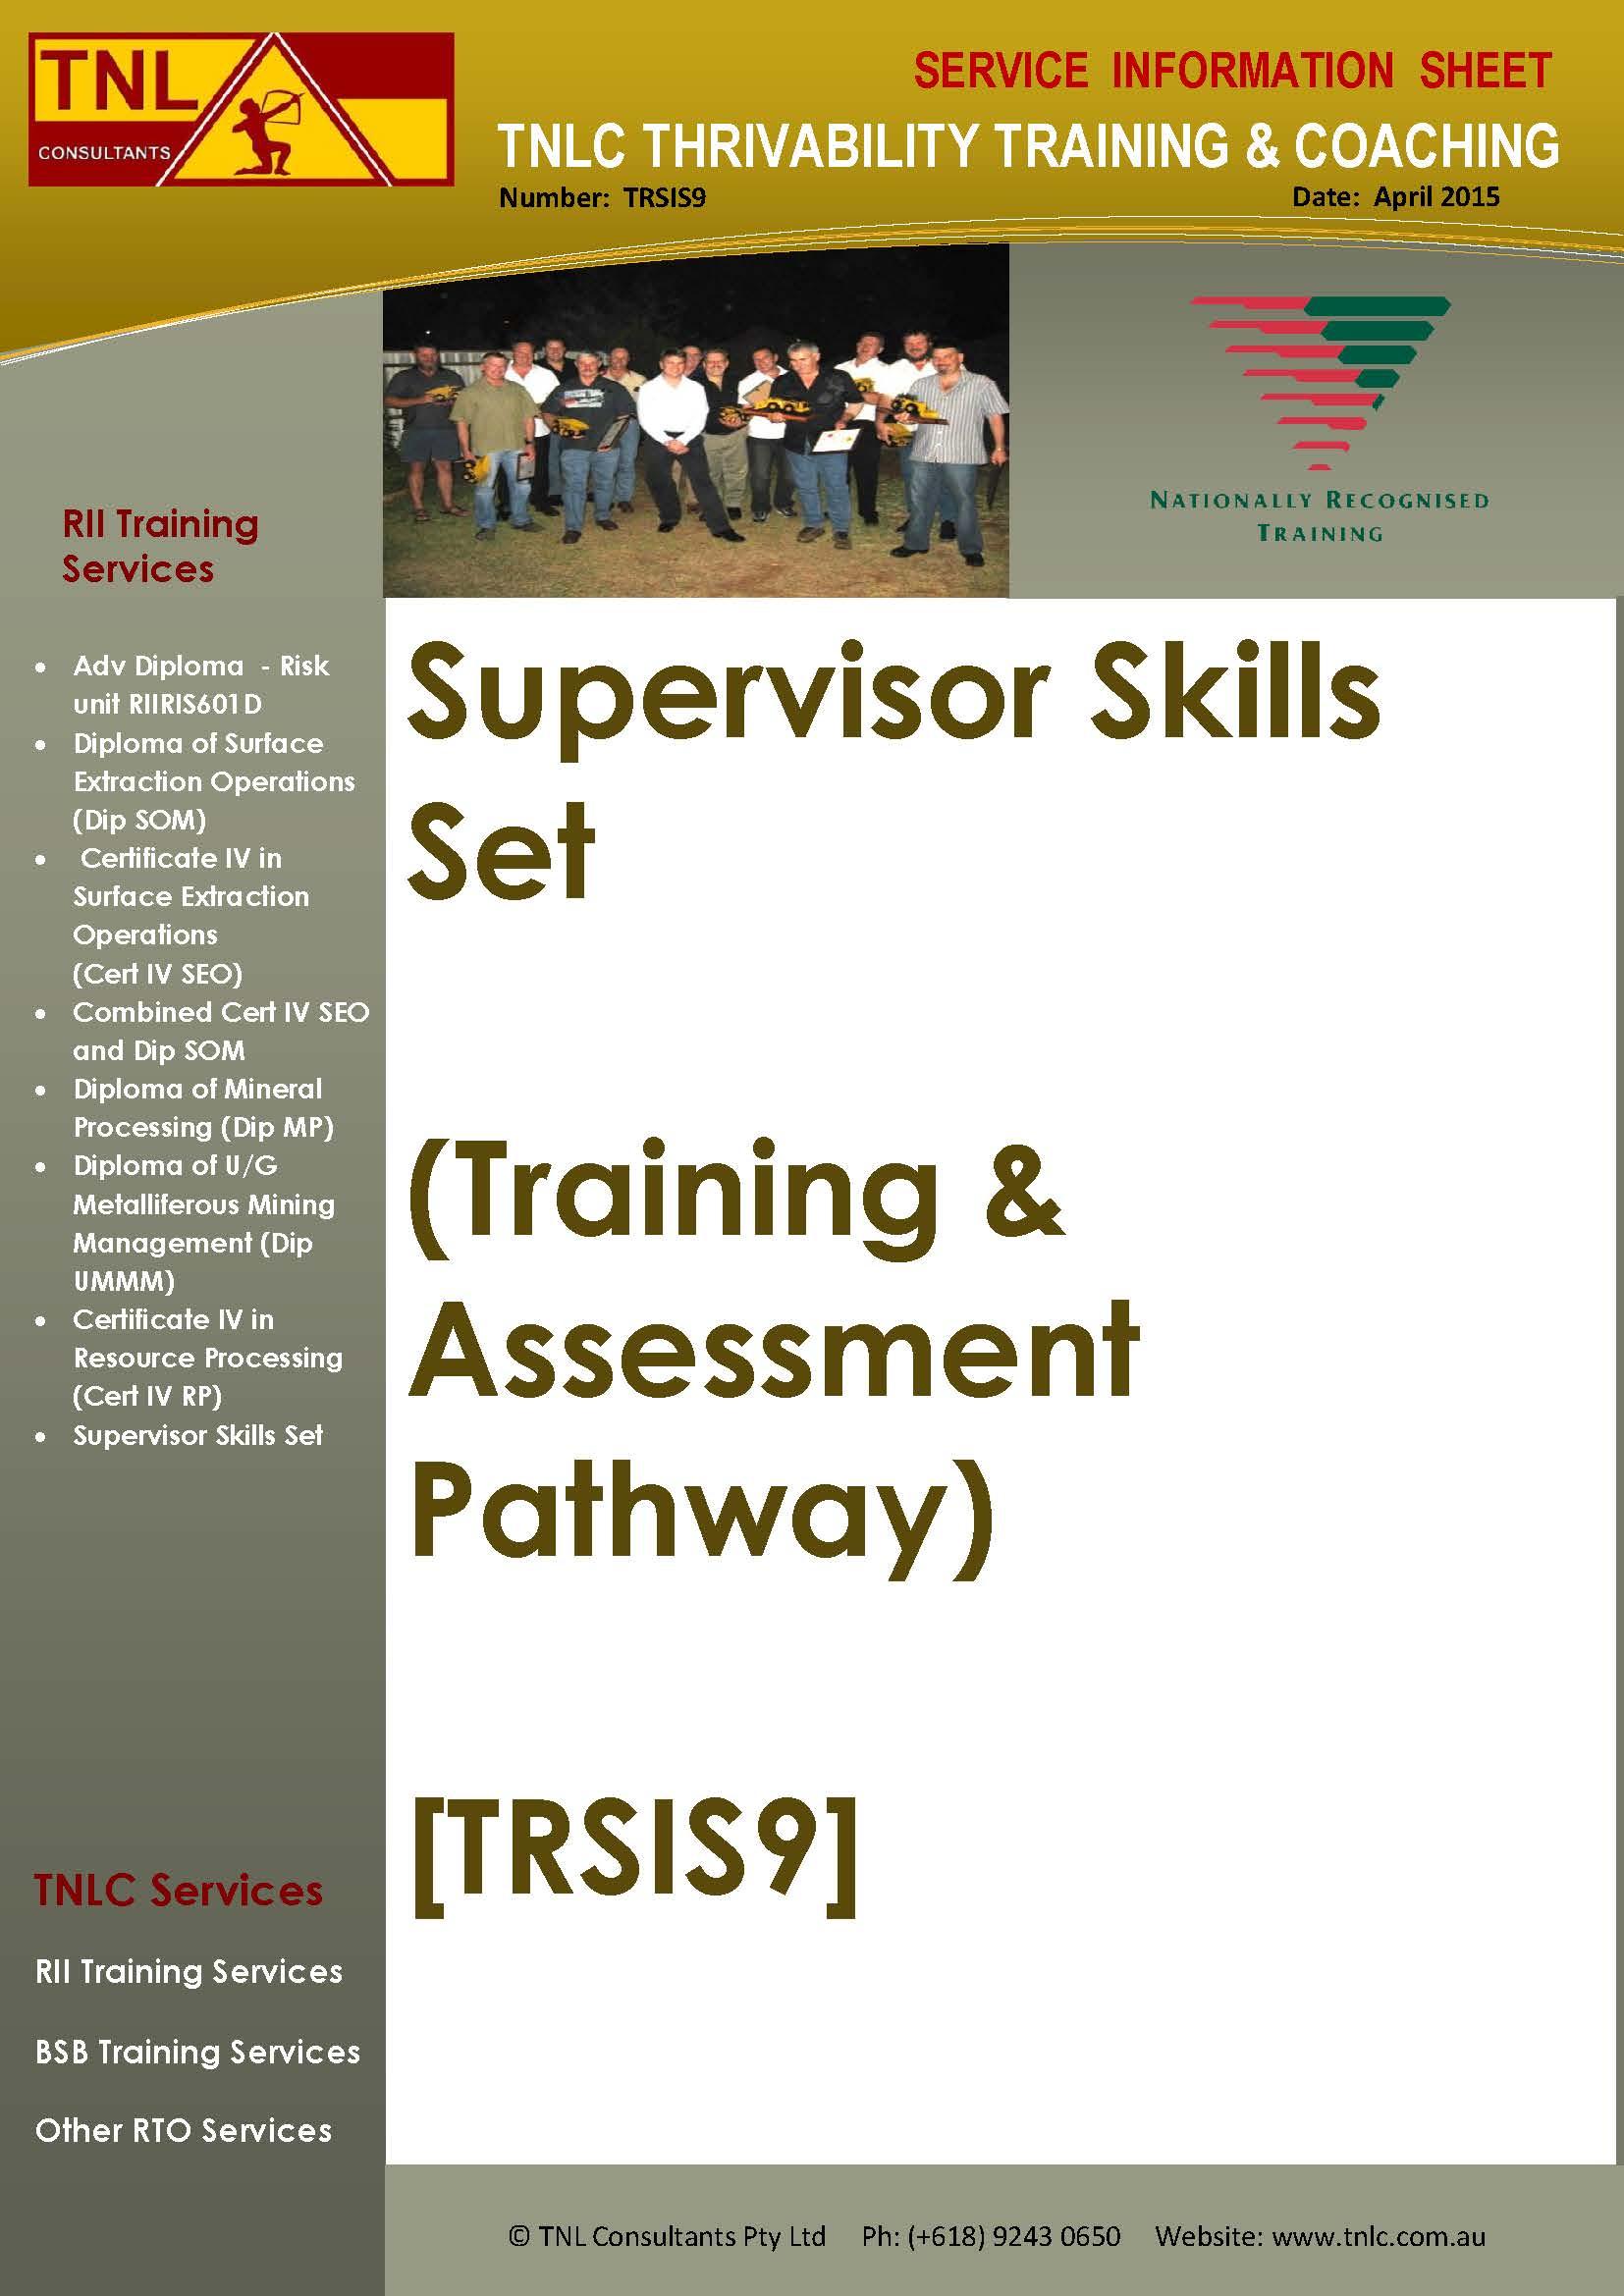 TRSIS9_SSS_Train&Assess_Apil2015IMAGEv1